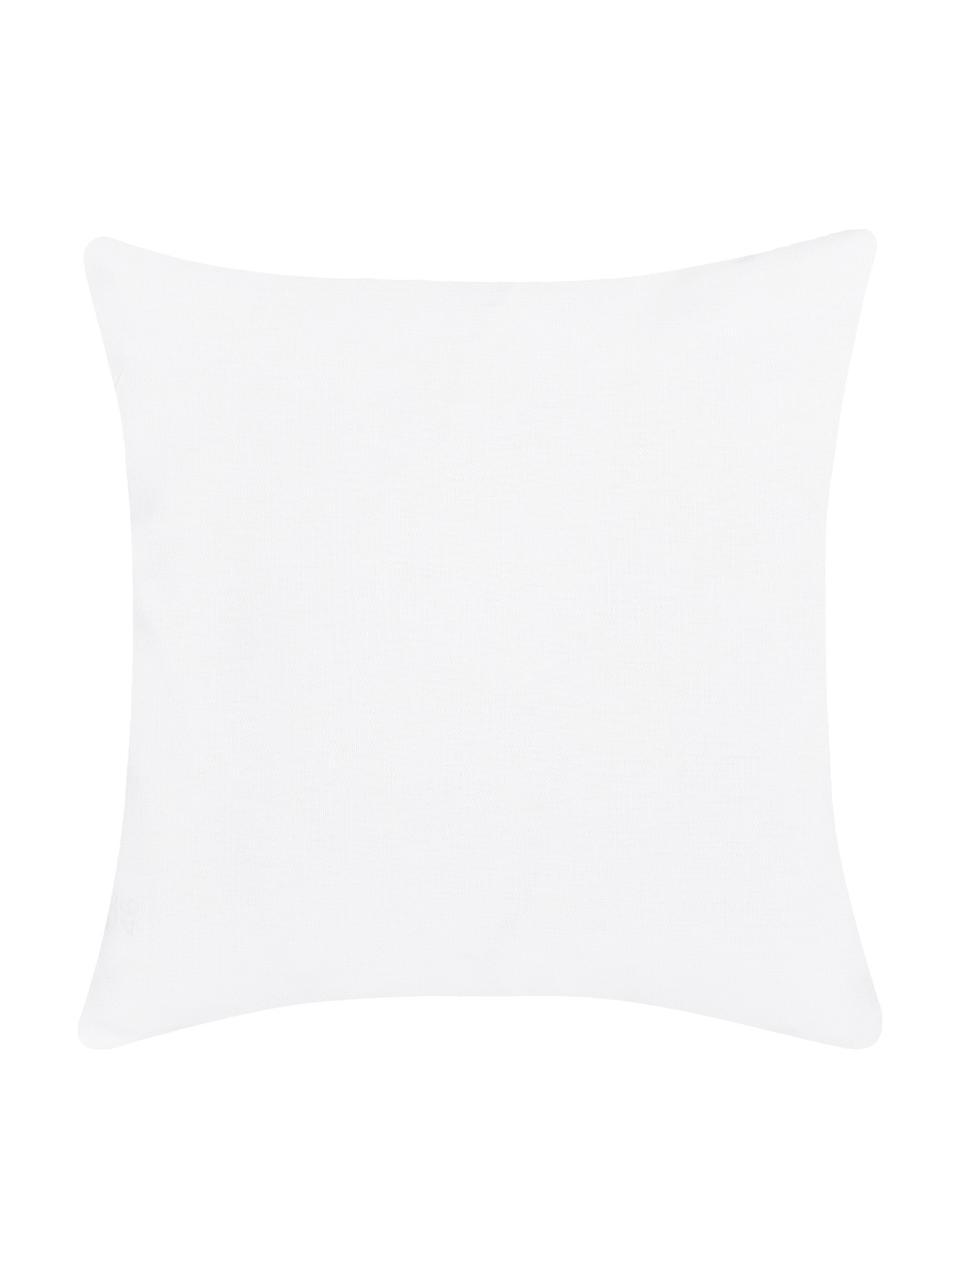 Poszewka na poduszkę Merry Christmas, Bawełna, Biały, czarny, S 40 x D 40 cm